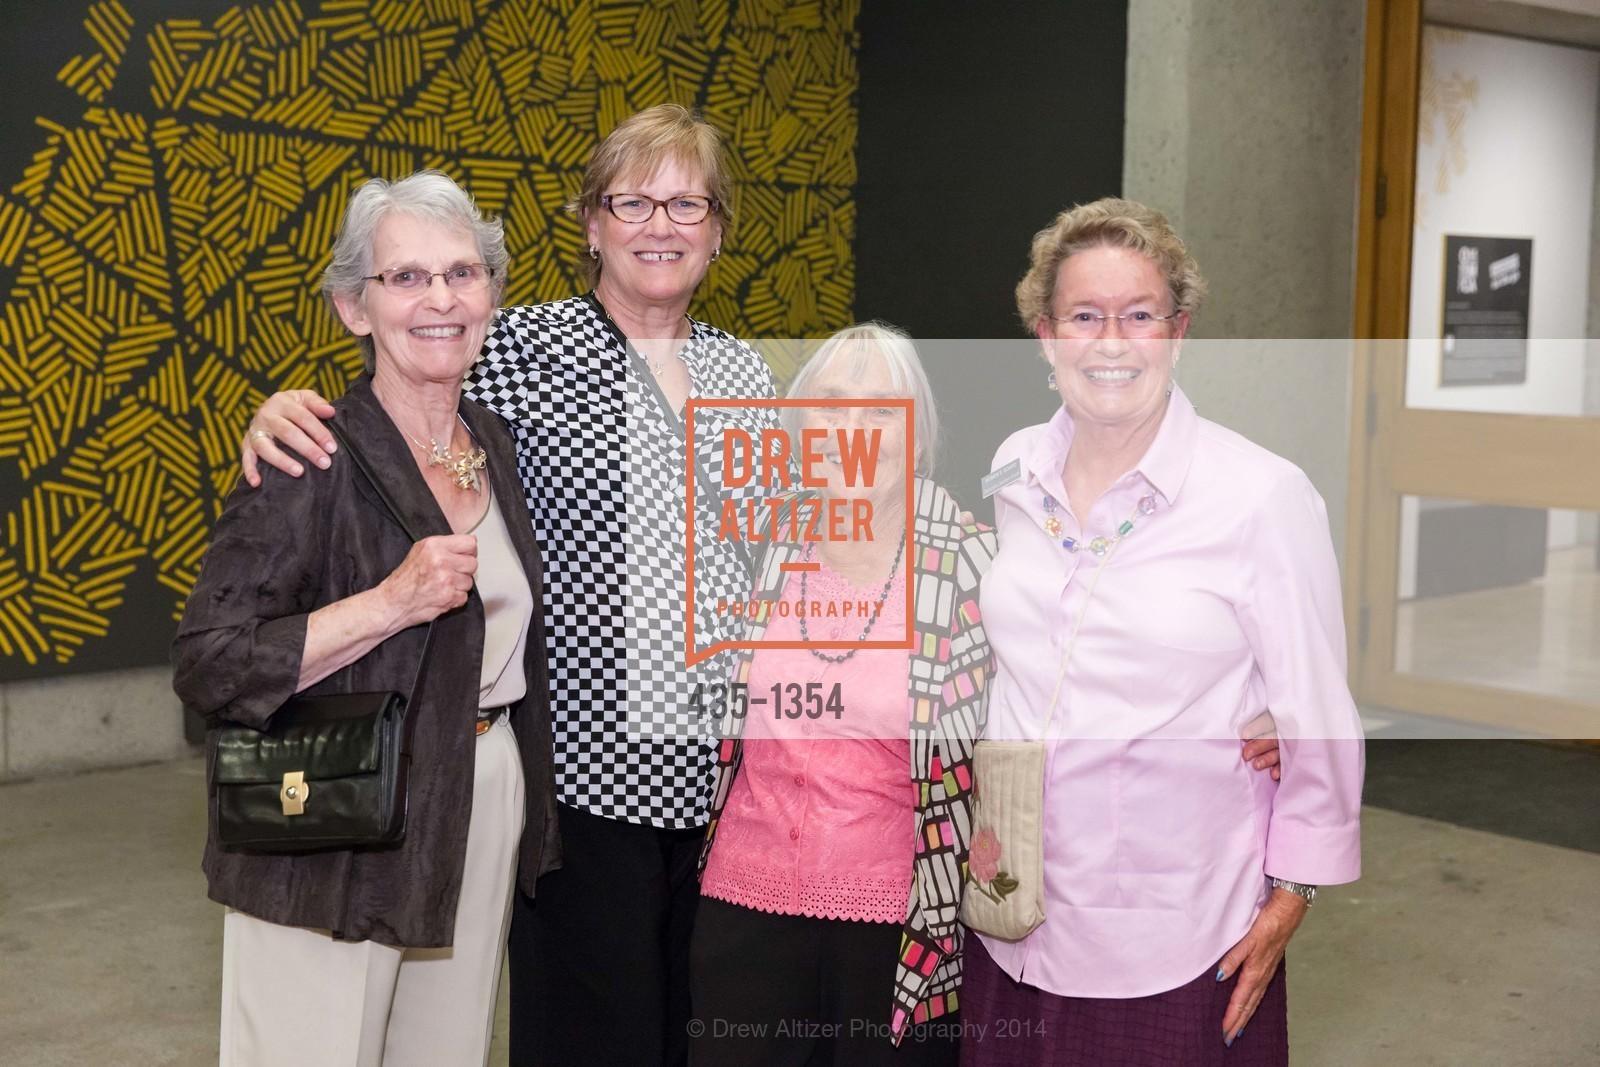 Rose Delason, Judy Wilkinson, Deb Smith, Photo #435-1354